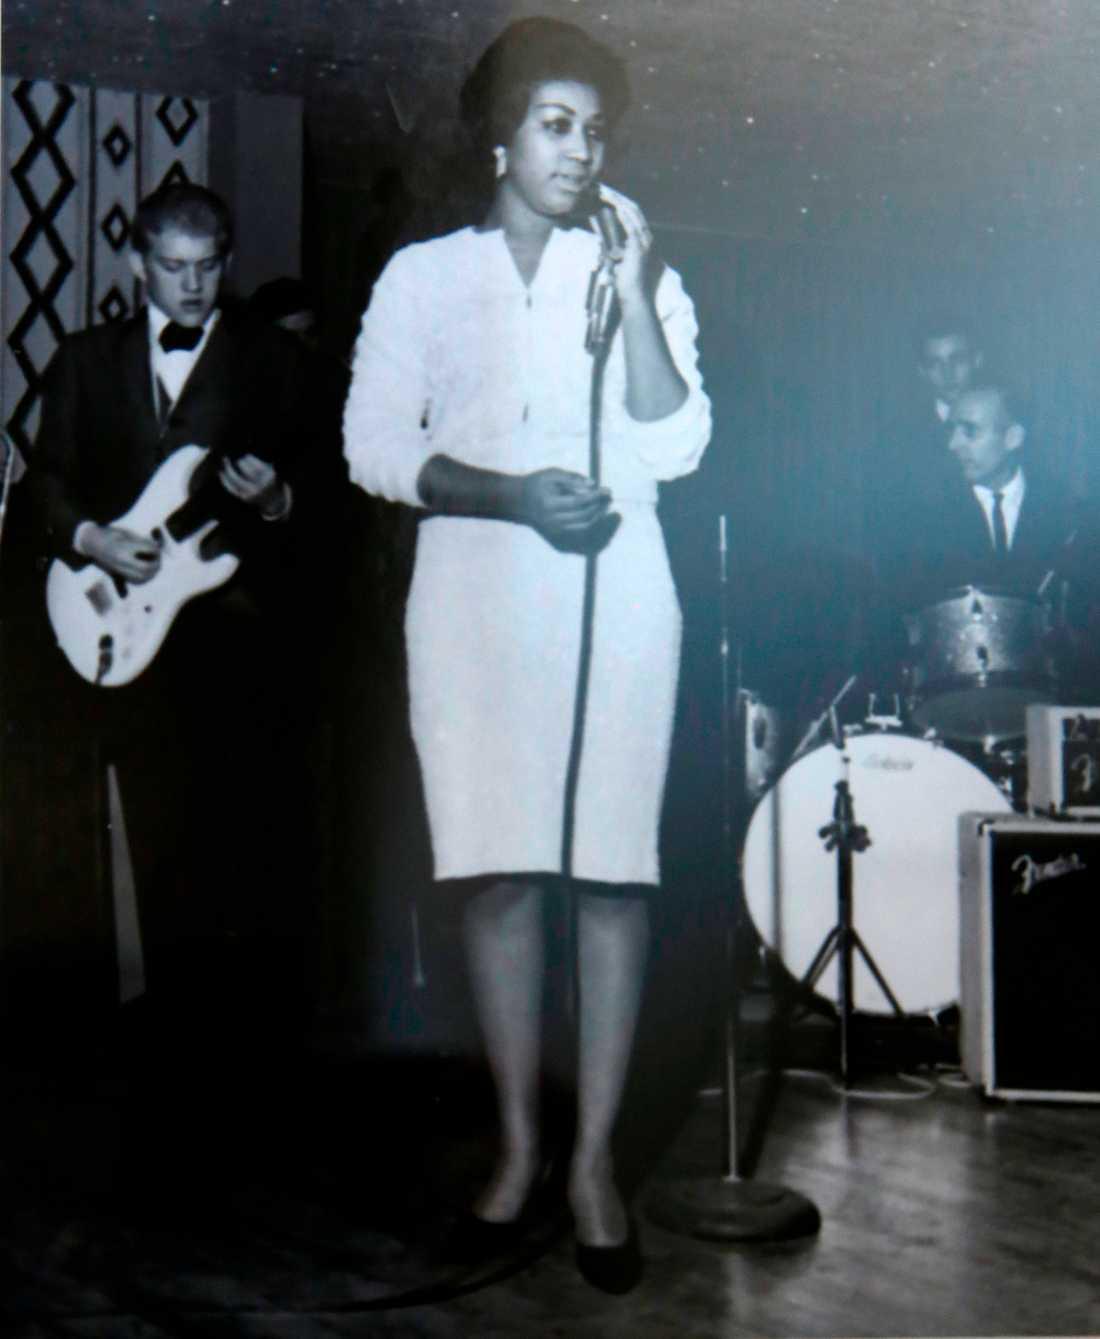 Aretha inledde sin karriär med att sjunga i sin pappas kyrka. Här är en väldigt tidig bild därifrån, när exakt när den är tagen är dock oklart.